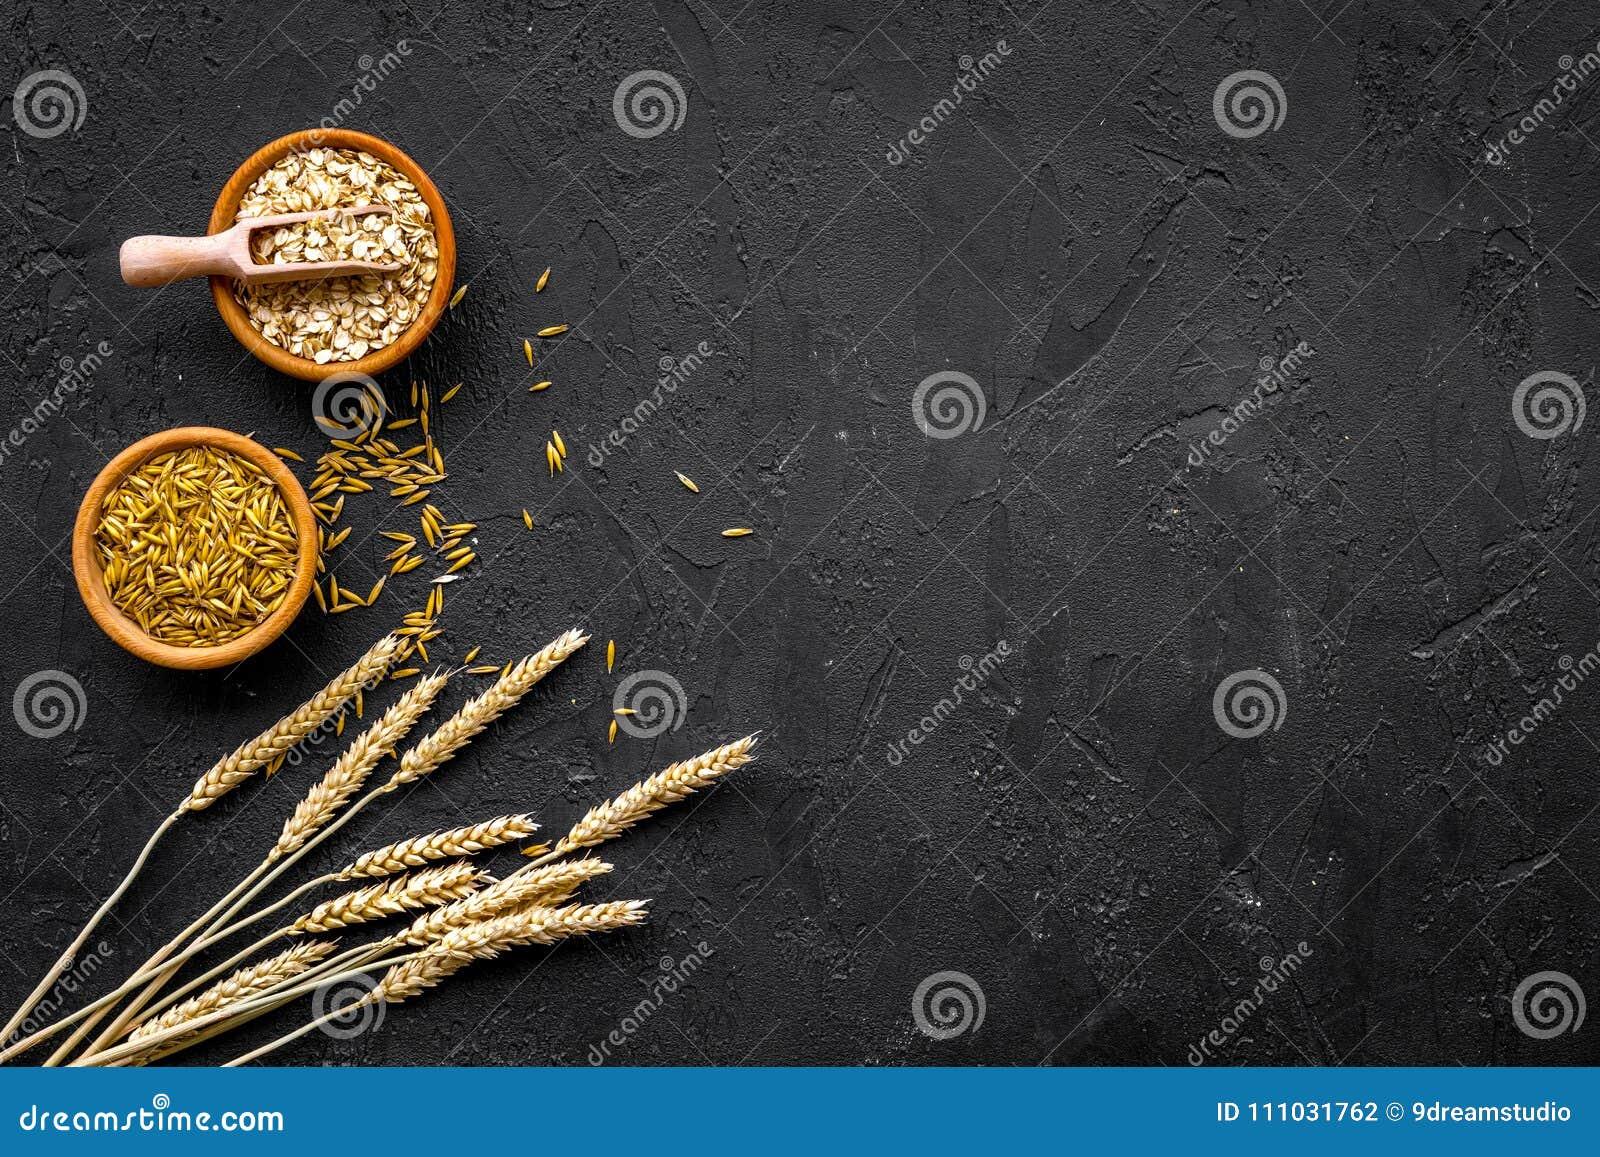 食物有慢碳水化合物的富有 燕麦粥和燕麦在碗在麦子附近小树枝在黑背景顶视图复制